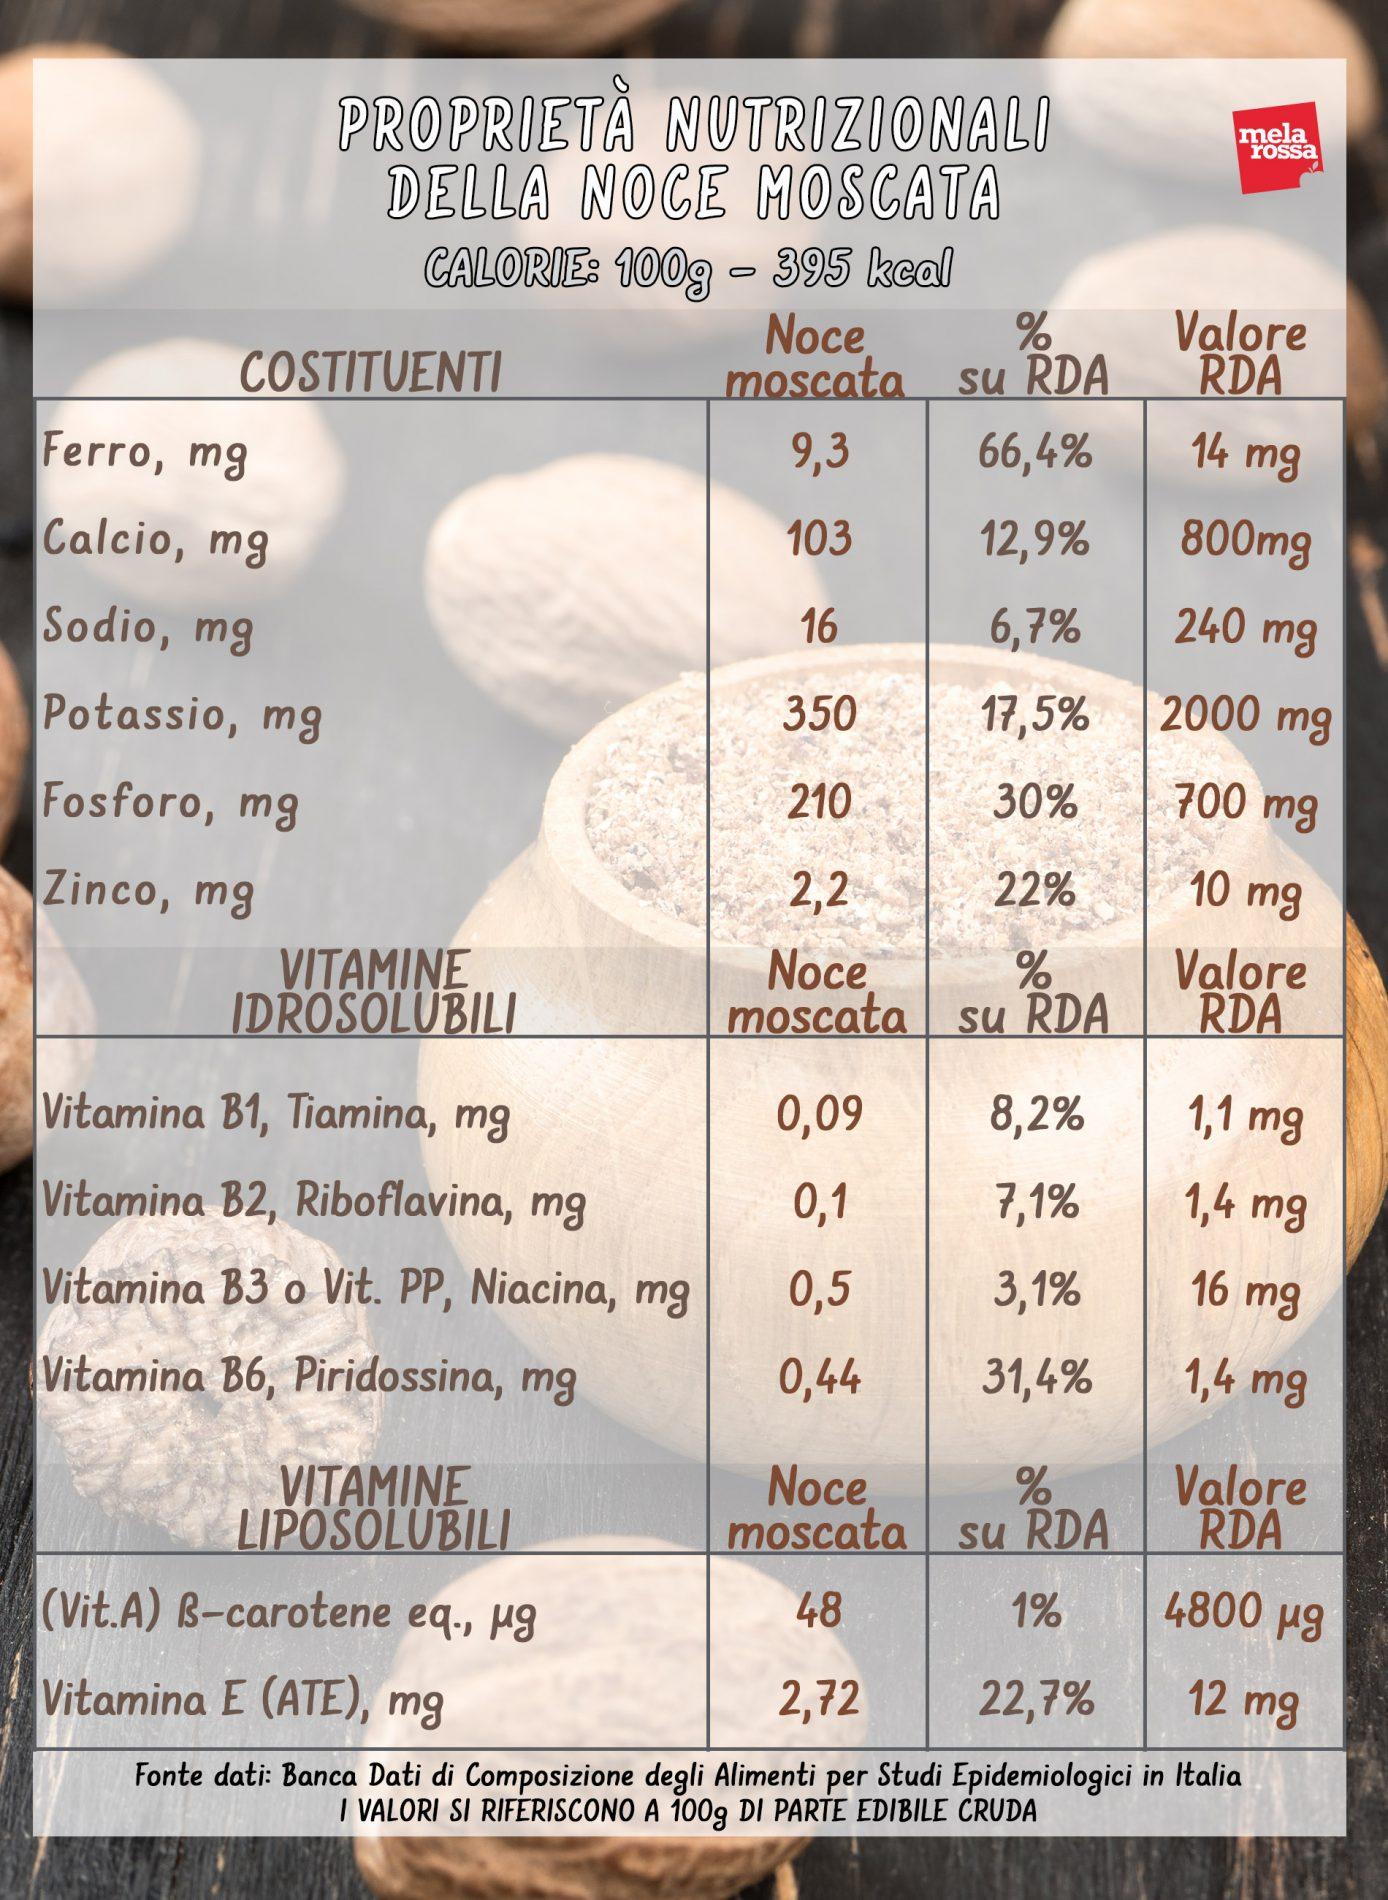 nuez moscada: propiedades nutricionales